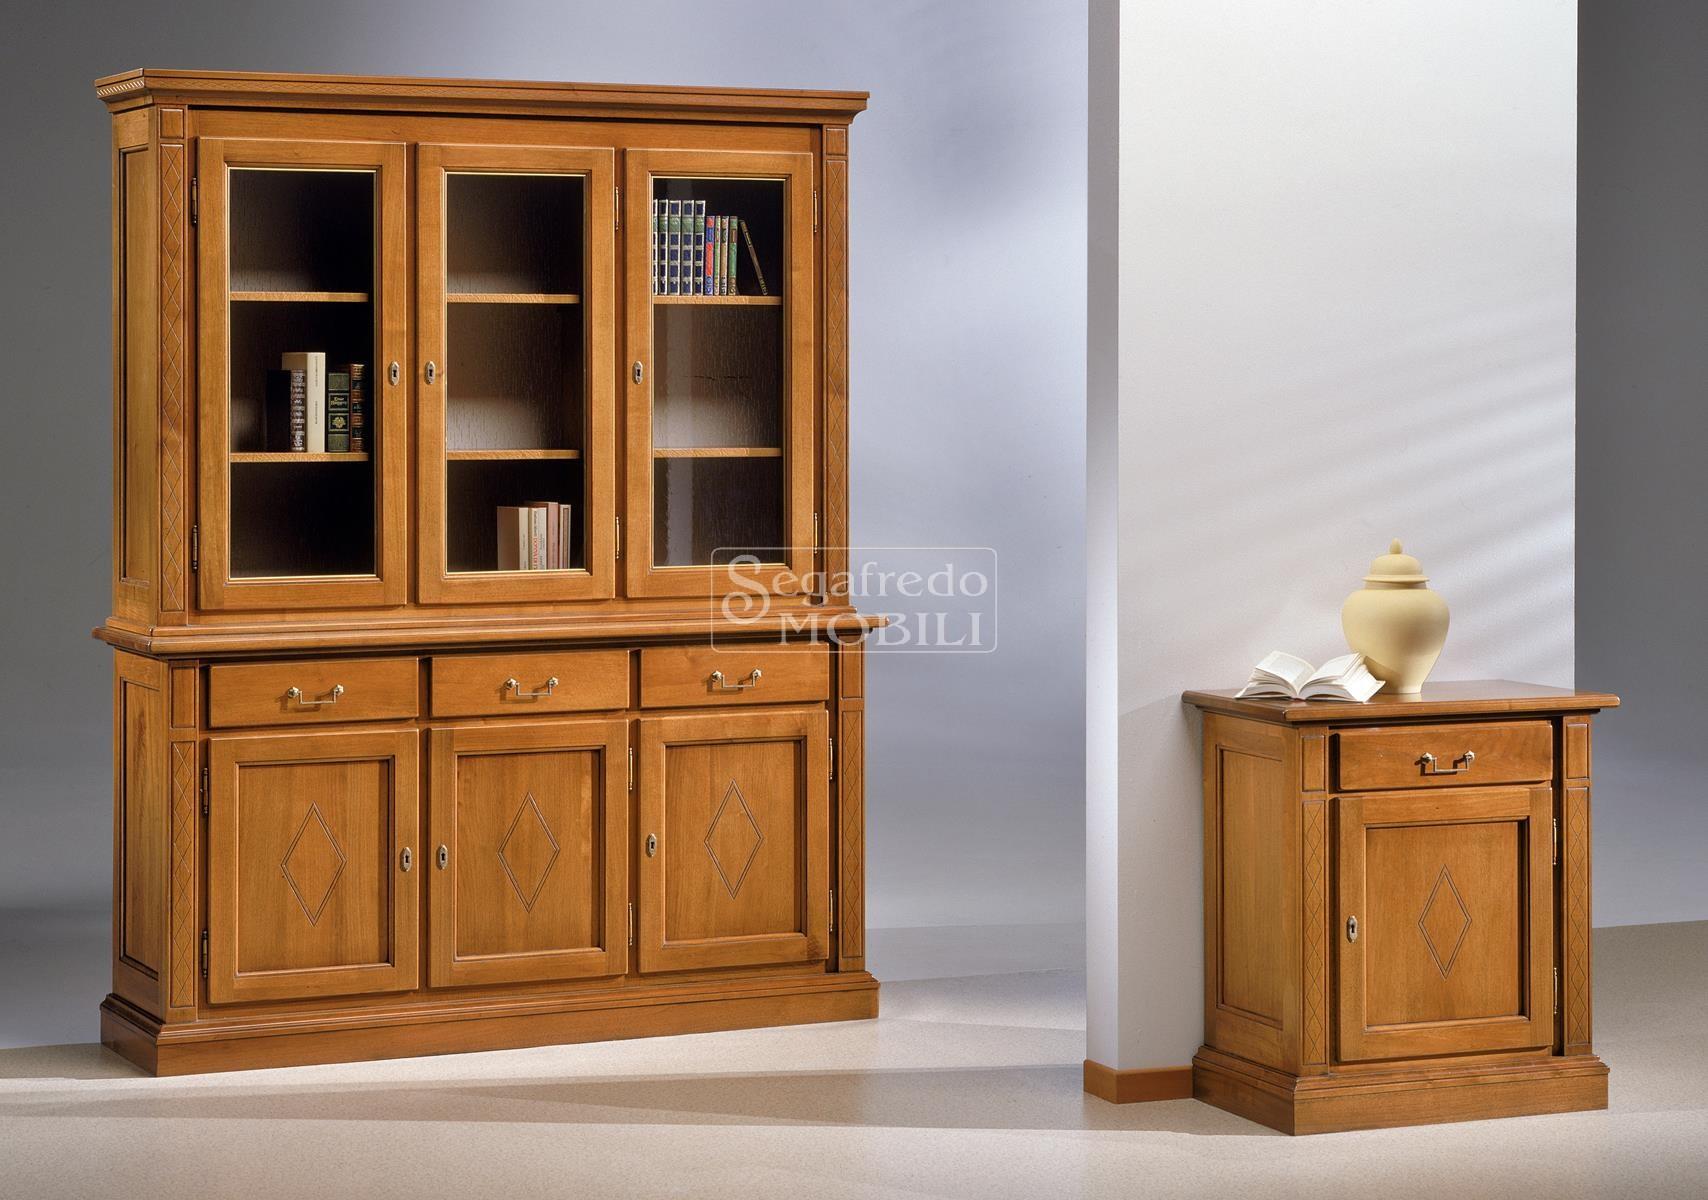 Credenza Con Libreria : Credenza in legno massiccio con alzata cristalliera libreria